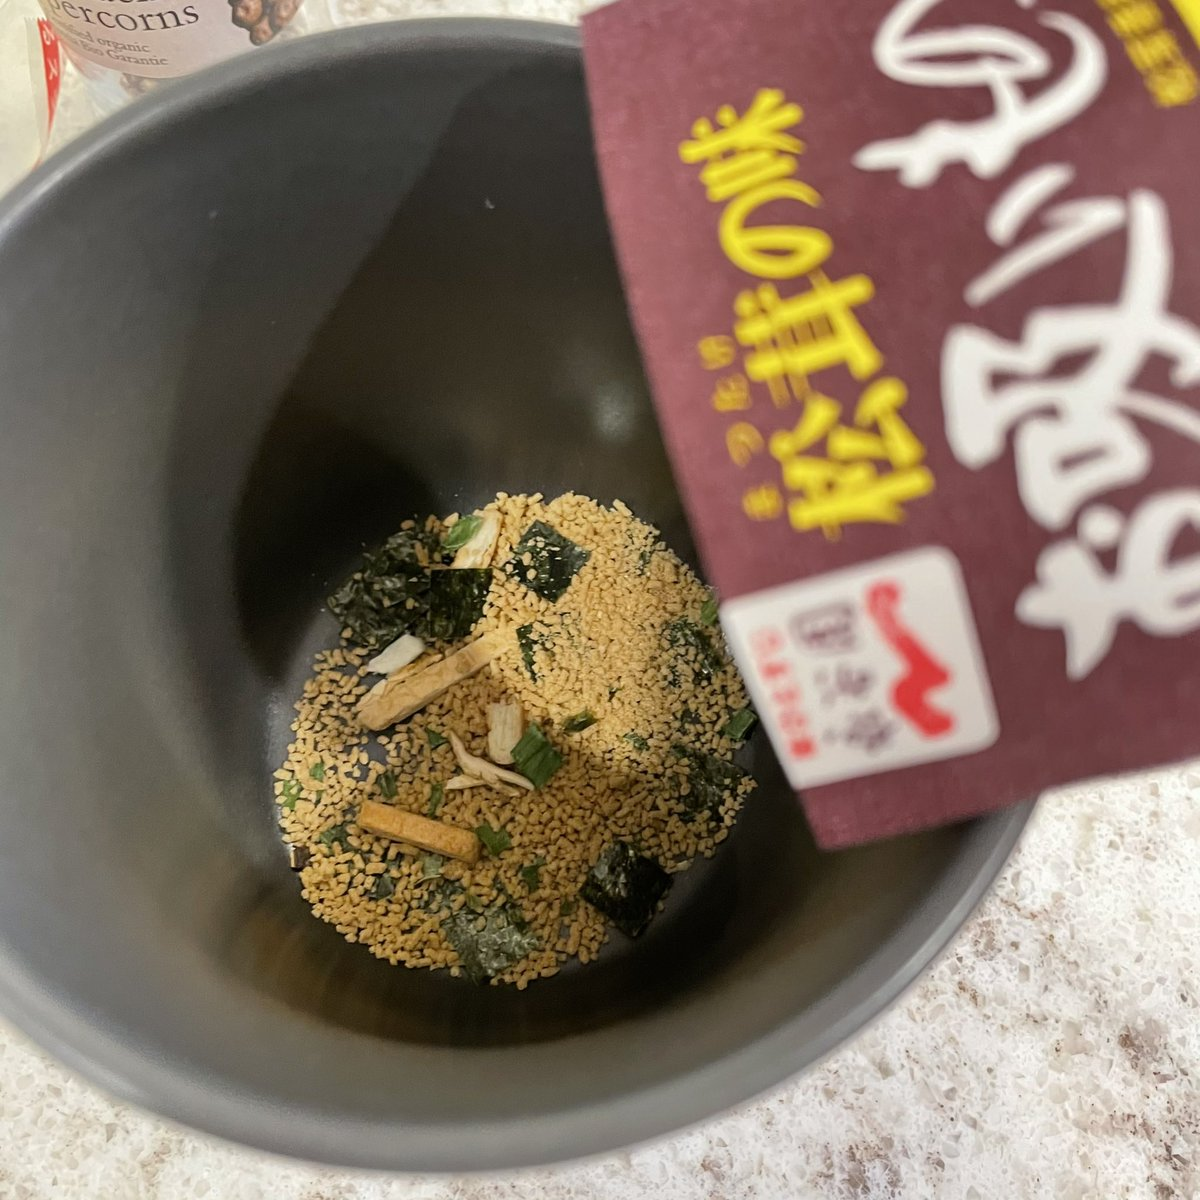 材料を混ぜて電子レンジで温めるだけでOK?!びっくりするくらい簡単な「茶碗蒸し」の作り方!